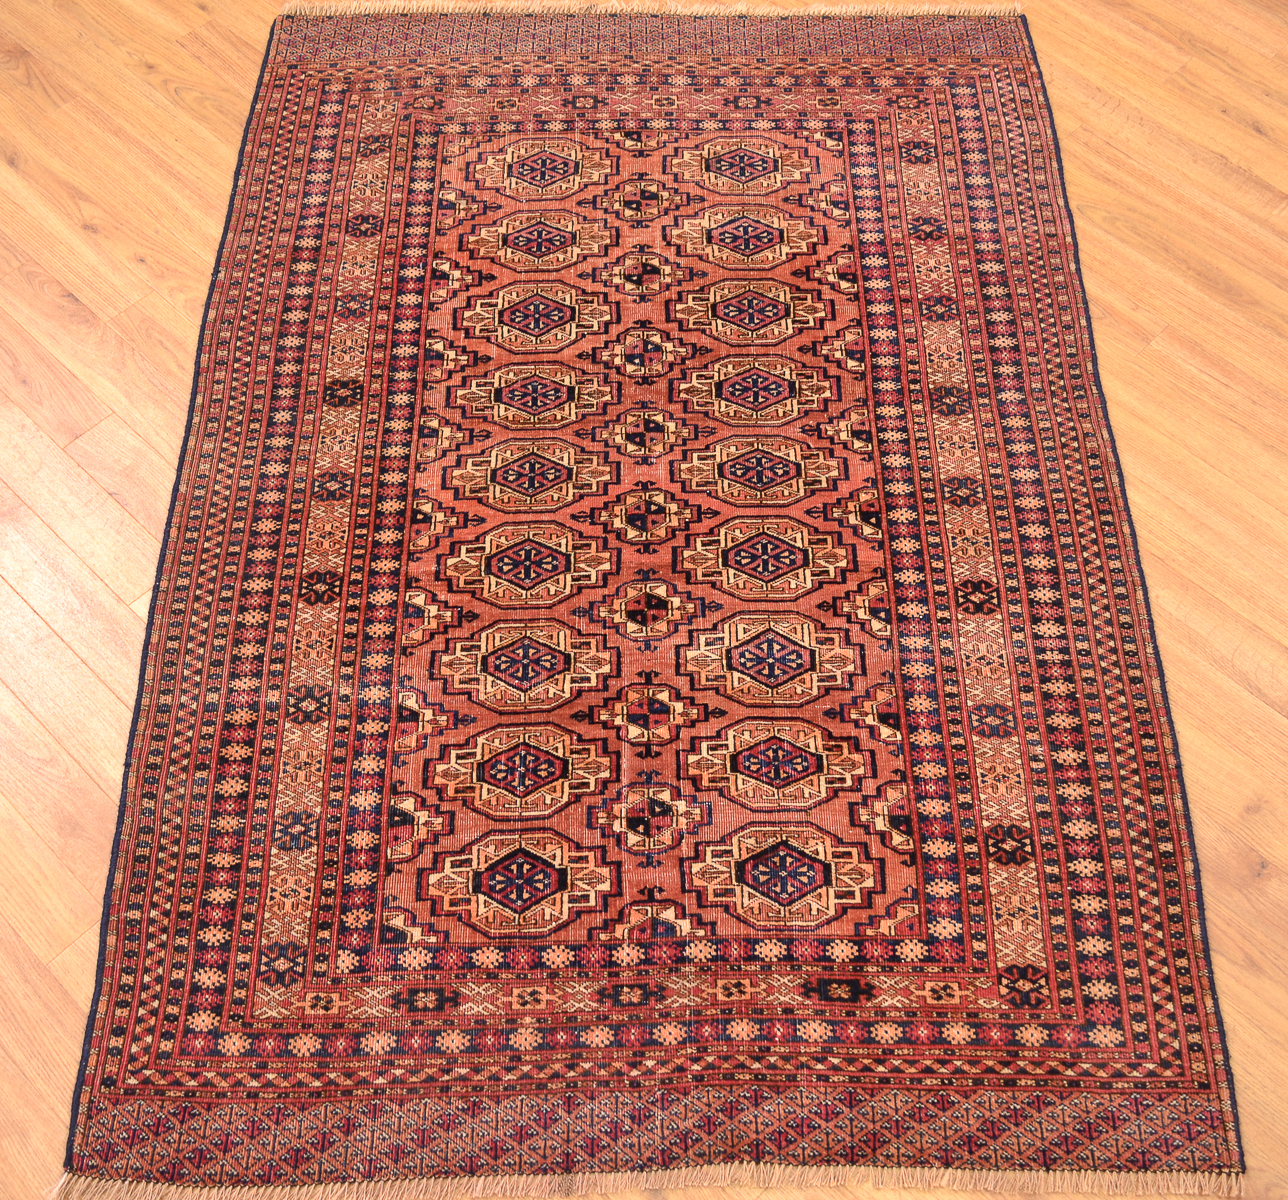 Antique Turkoman Rug: Antique Saryk Turkoman Rug 1.58x1.09m